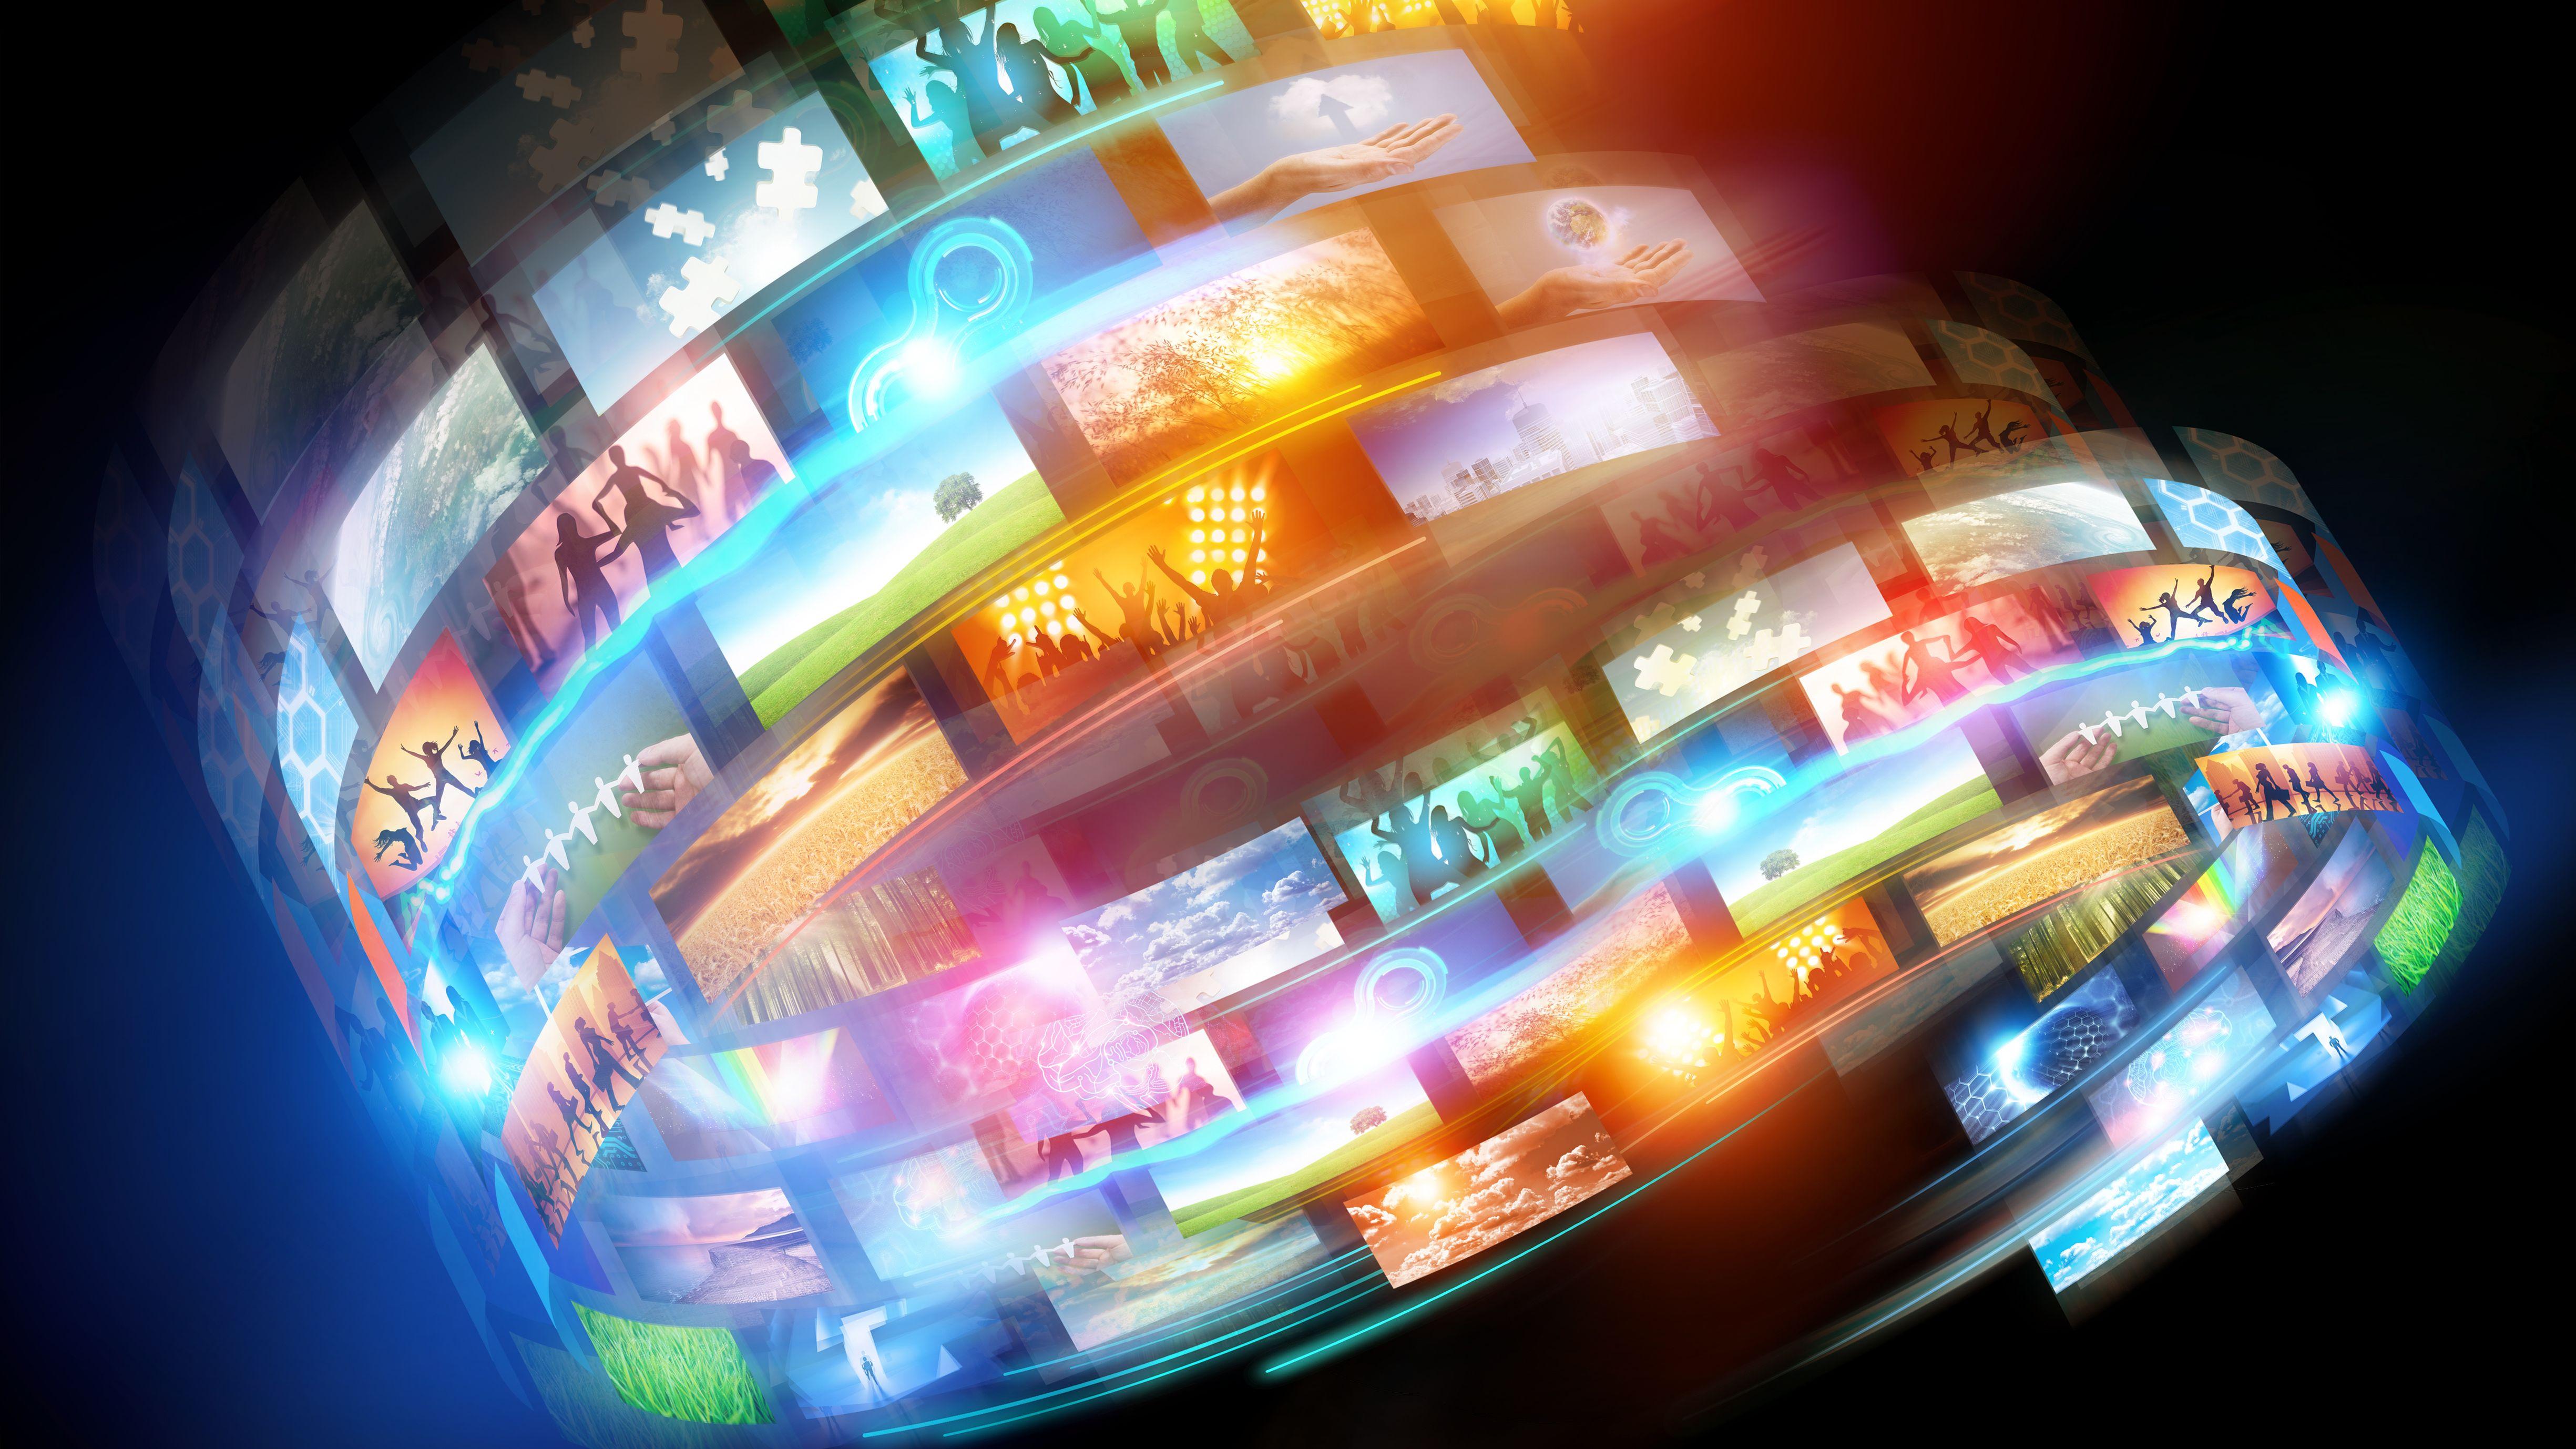 Streaming-Dienste: Fast jeder zweite Onliner nutzt Netflix, Amazon Prime und Co